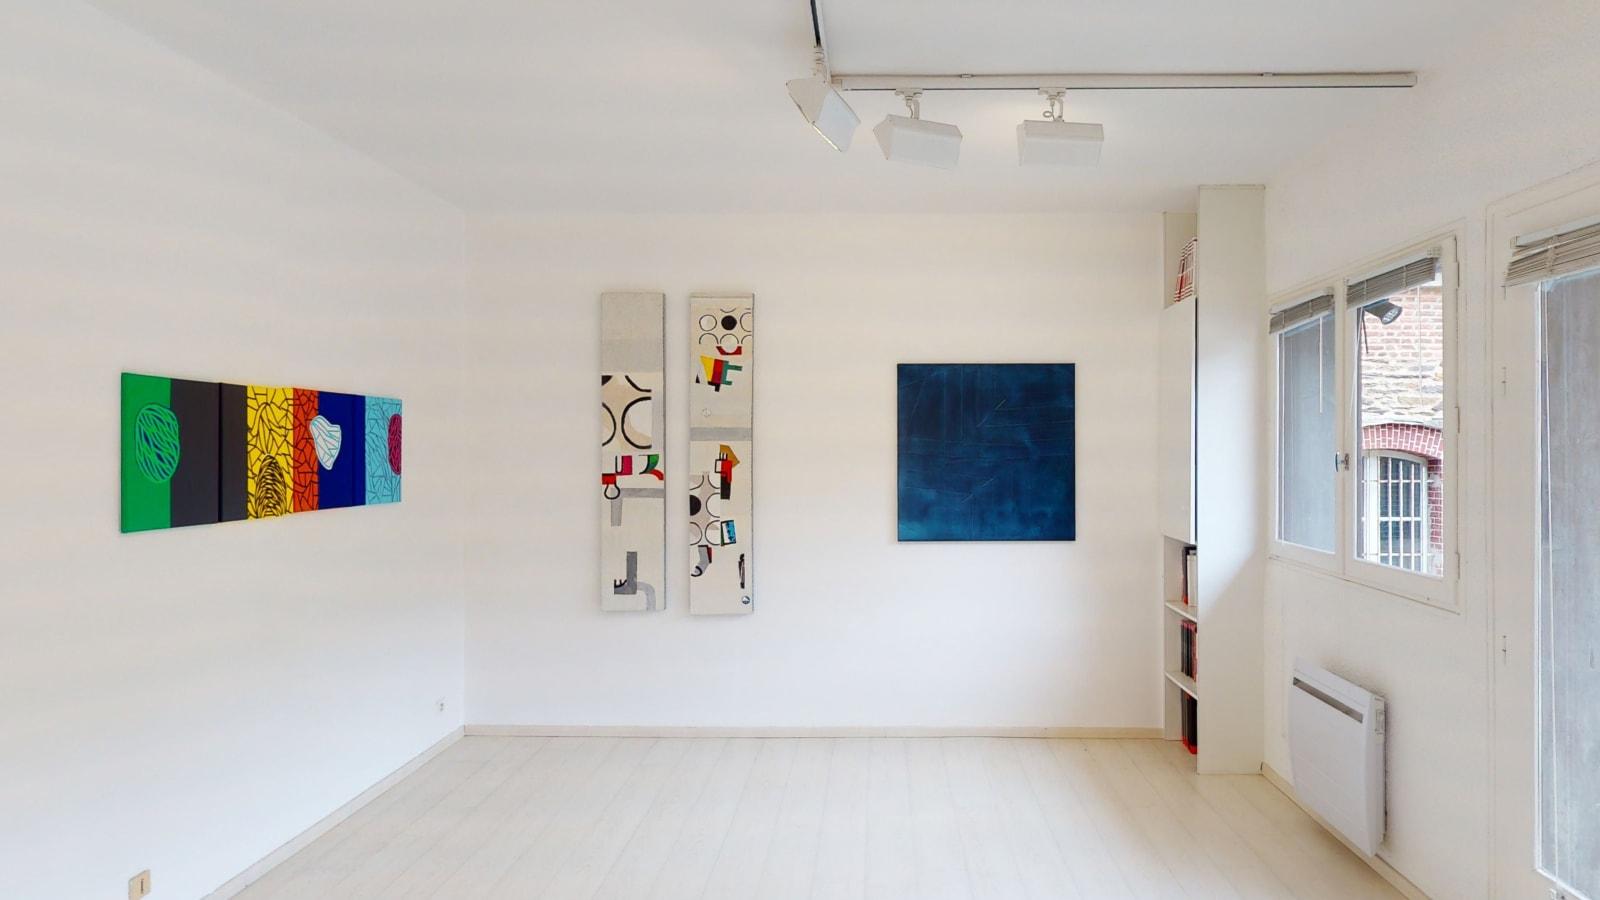 Les artistes de la galerie / exposition de groupe / Oniris été 2020